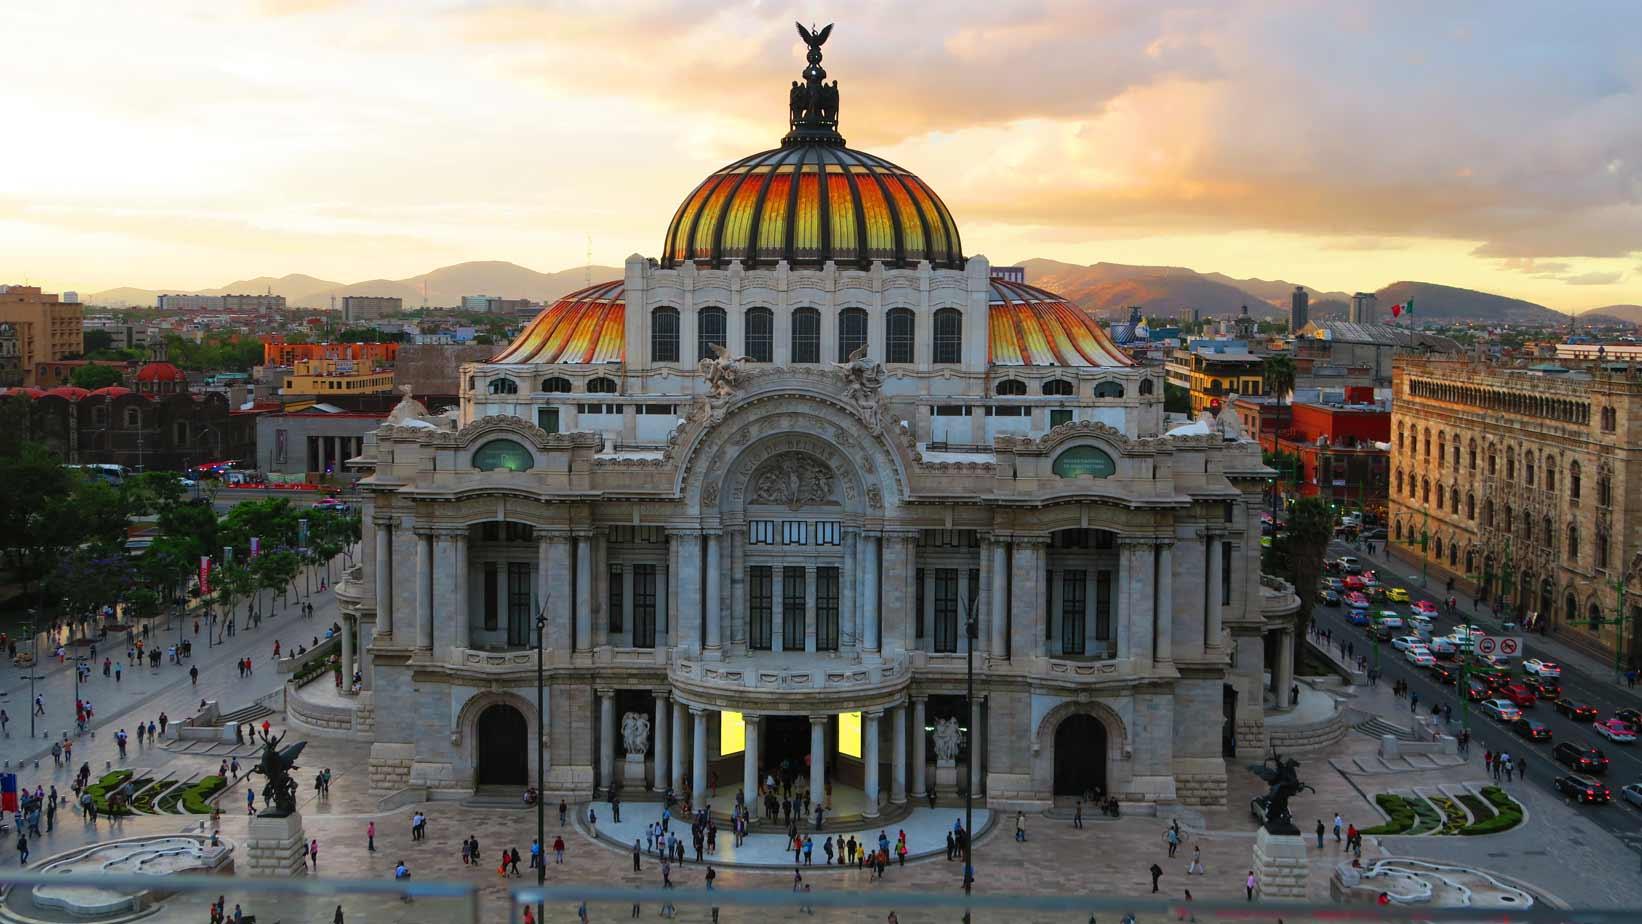 Edificio Bellas Artes in central Mexico